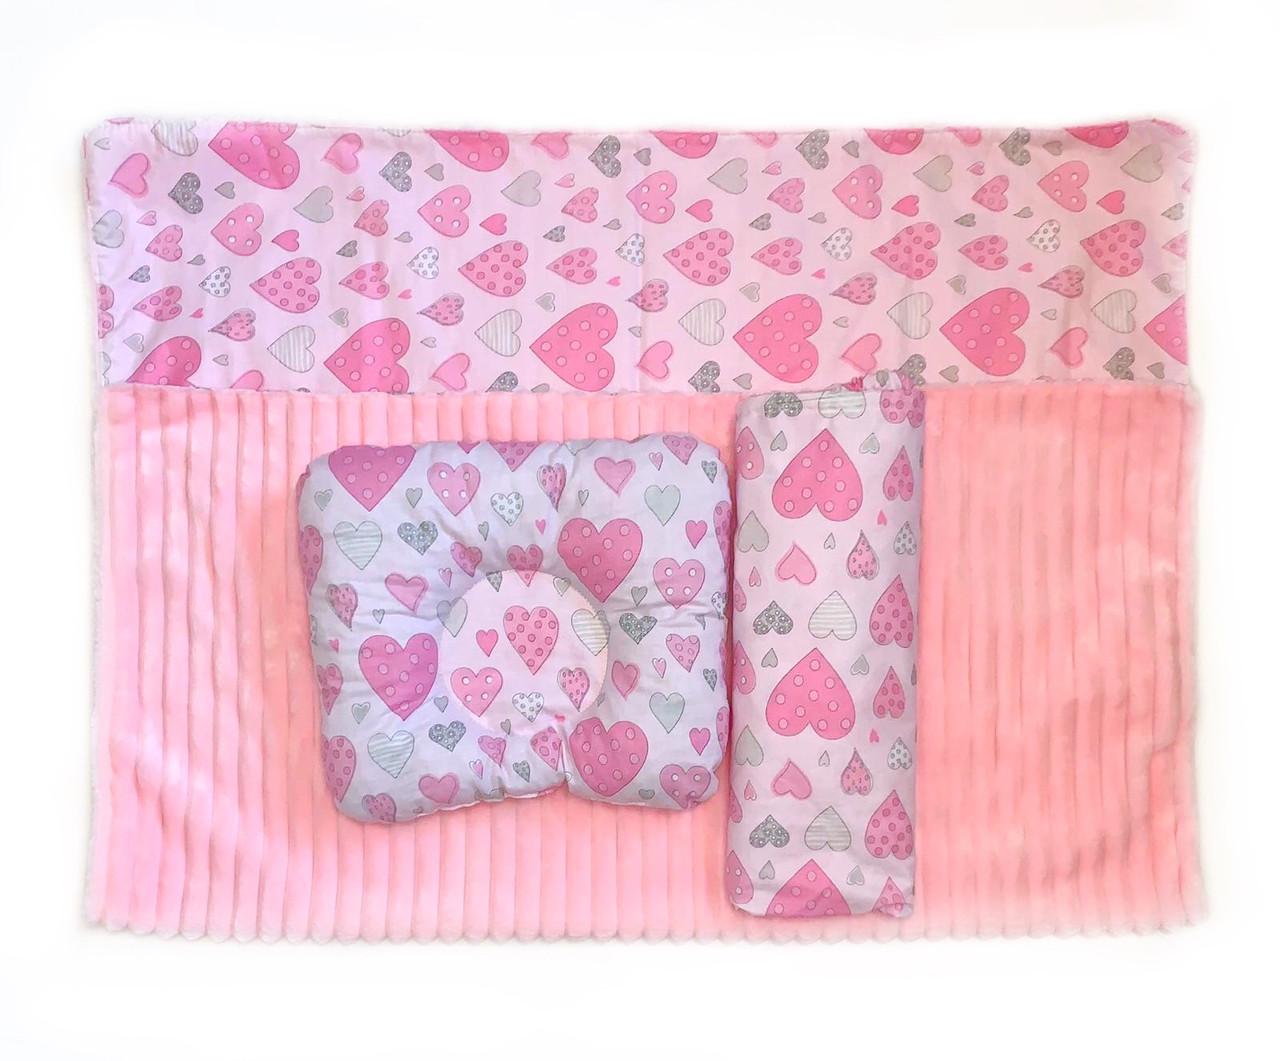 Набор в детскую кроватку (простынь, плед, подушка) Розовые сердечки №3